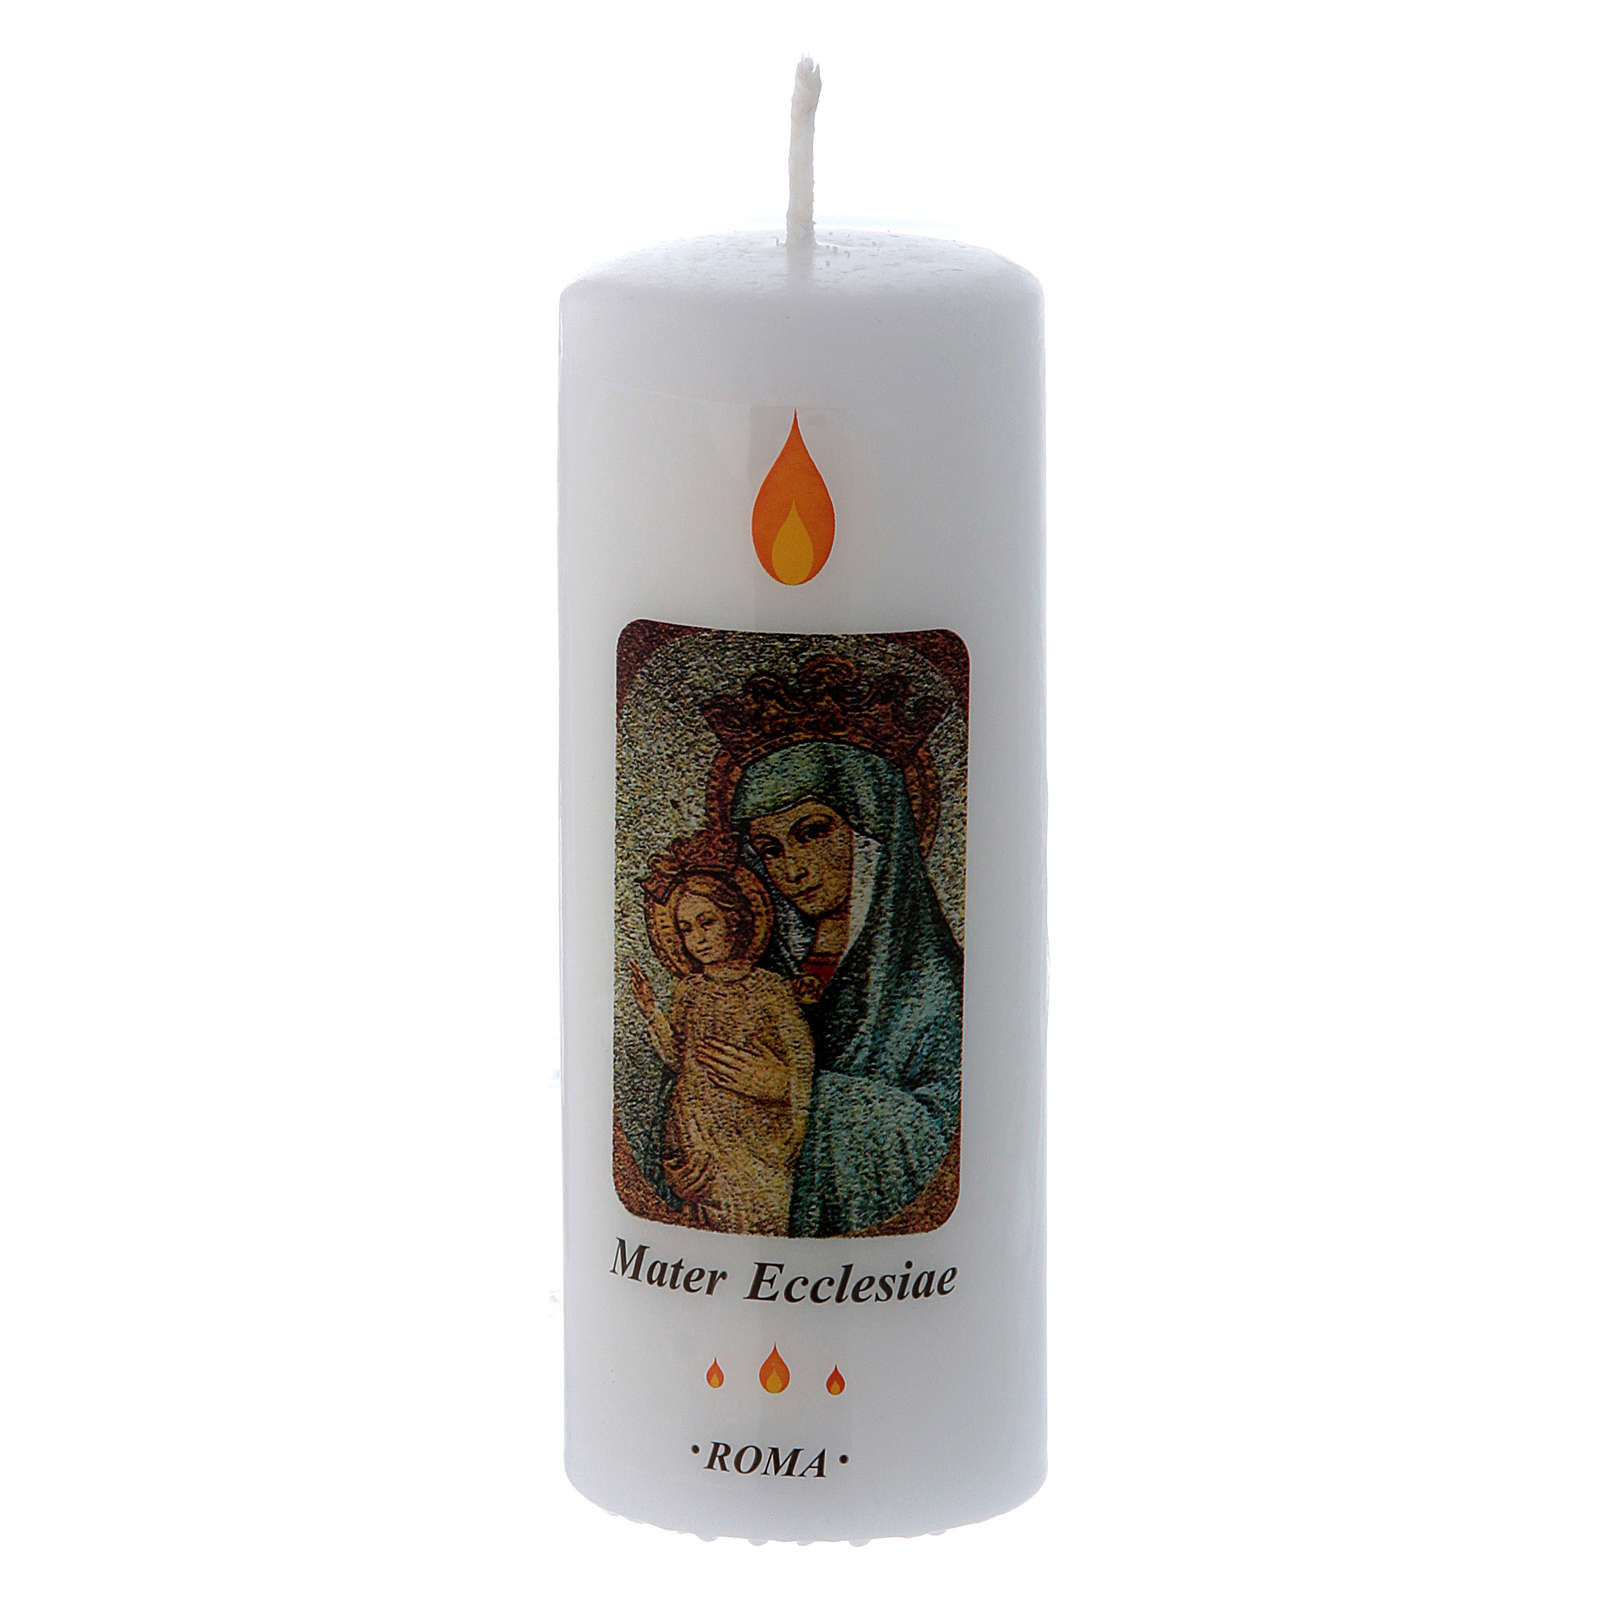 Świeczka Mater Ecclesiae Roma 13x5 cm 3